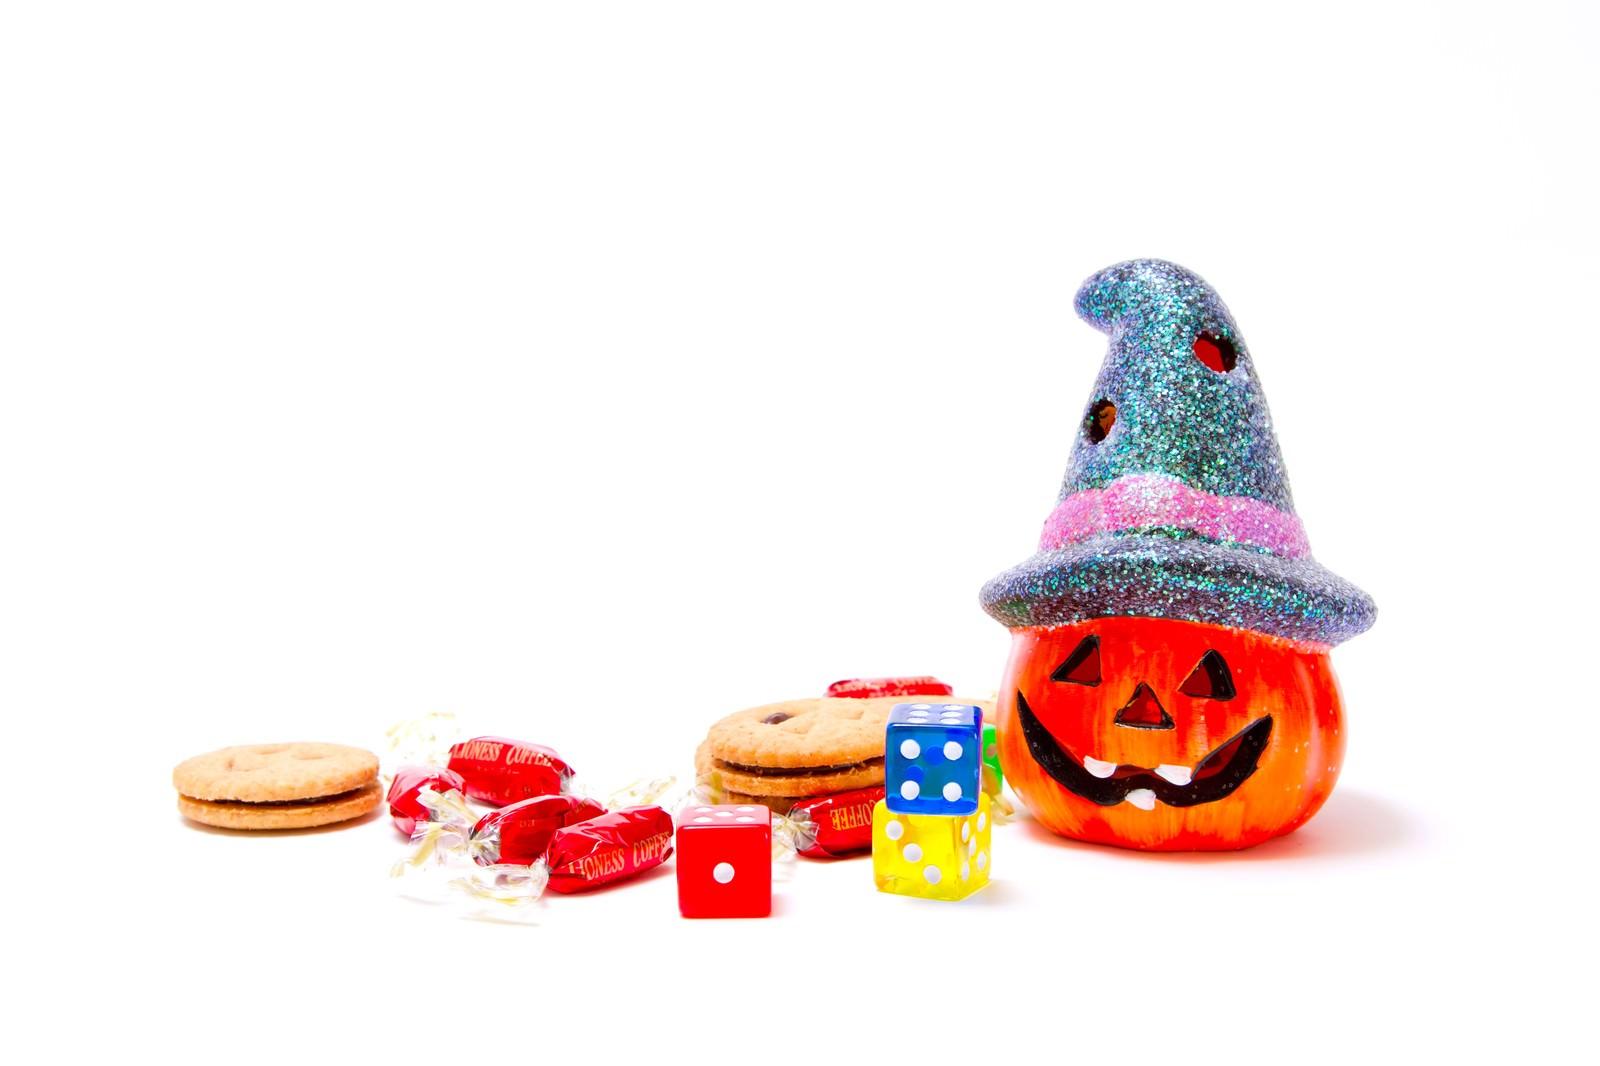 「かぼちゃのランタンとお菓子」の写真